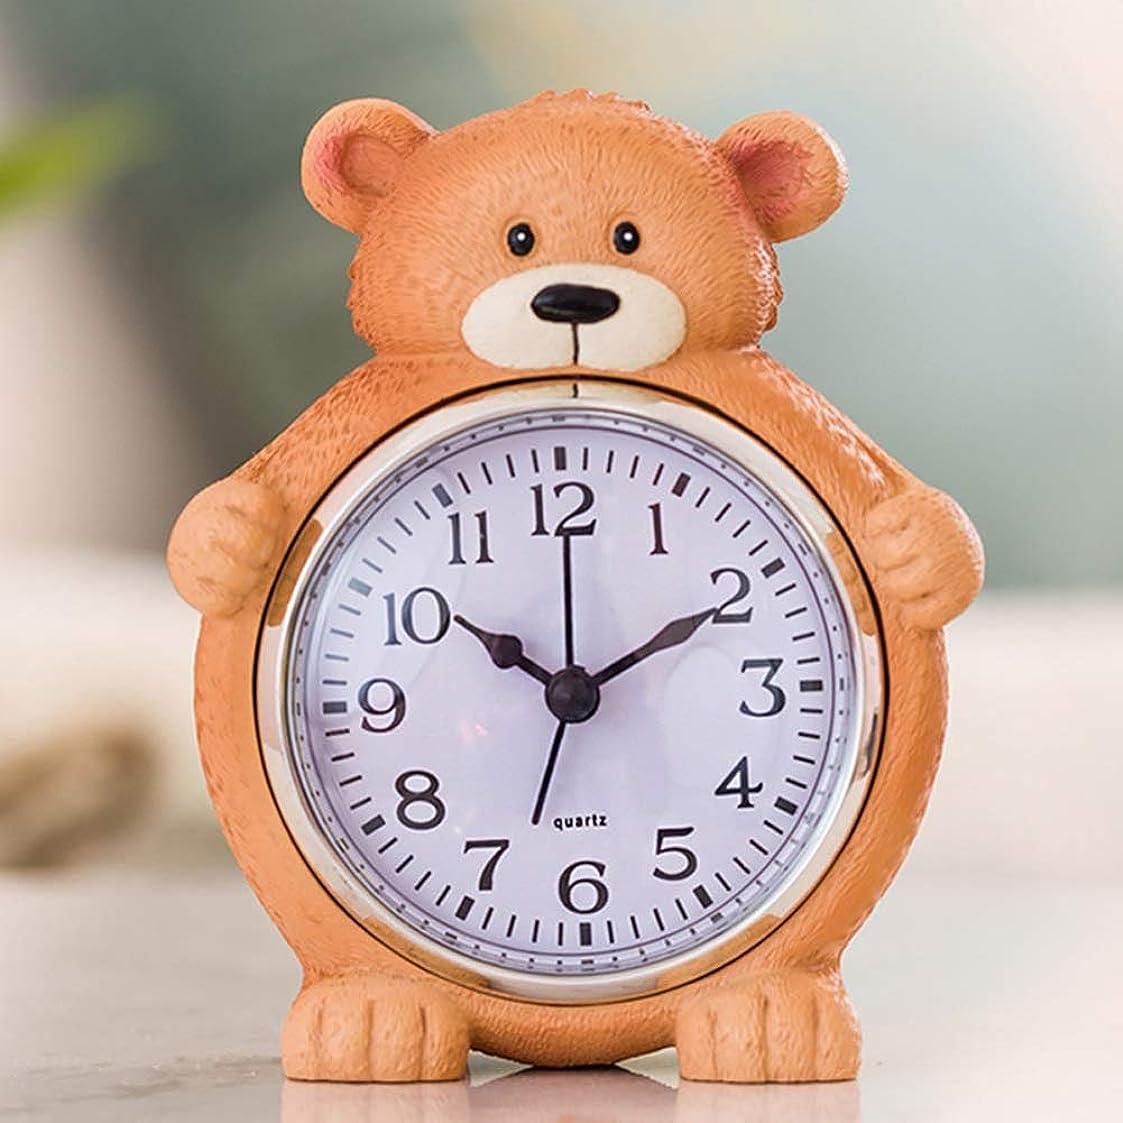 フライカイトスキニー早める子供学生漫画動物の目覚まし時計ベッドサイドクロックかわいいクリエイティブデスクアラーム寝室のリビングルームのデスクトップの時計,Raccoonn